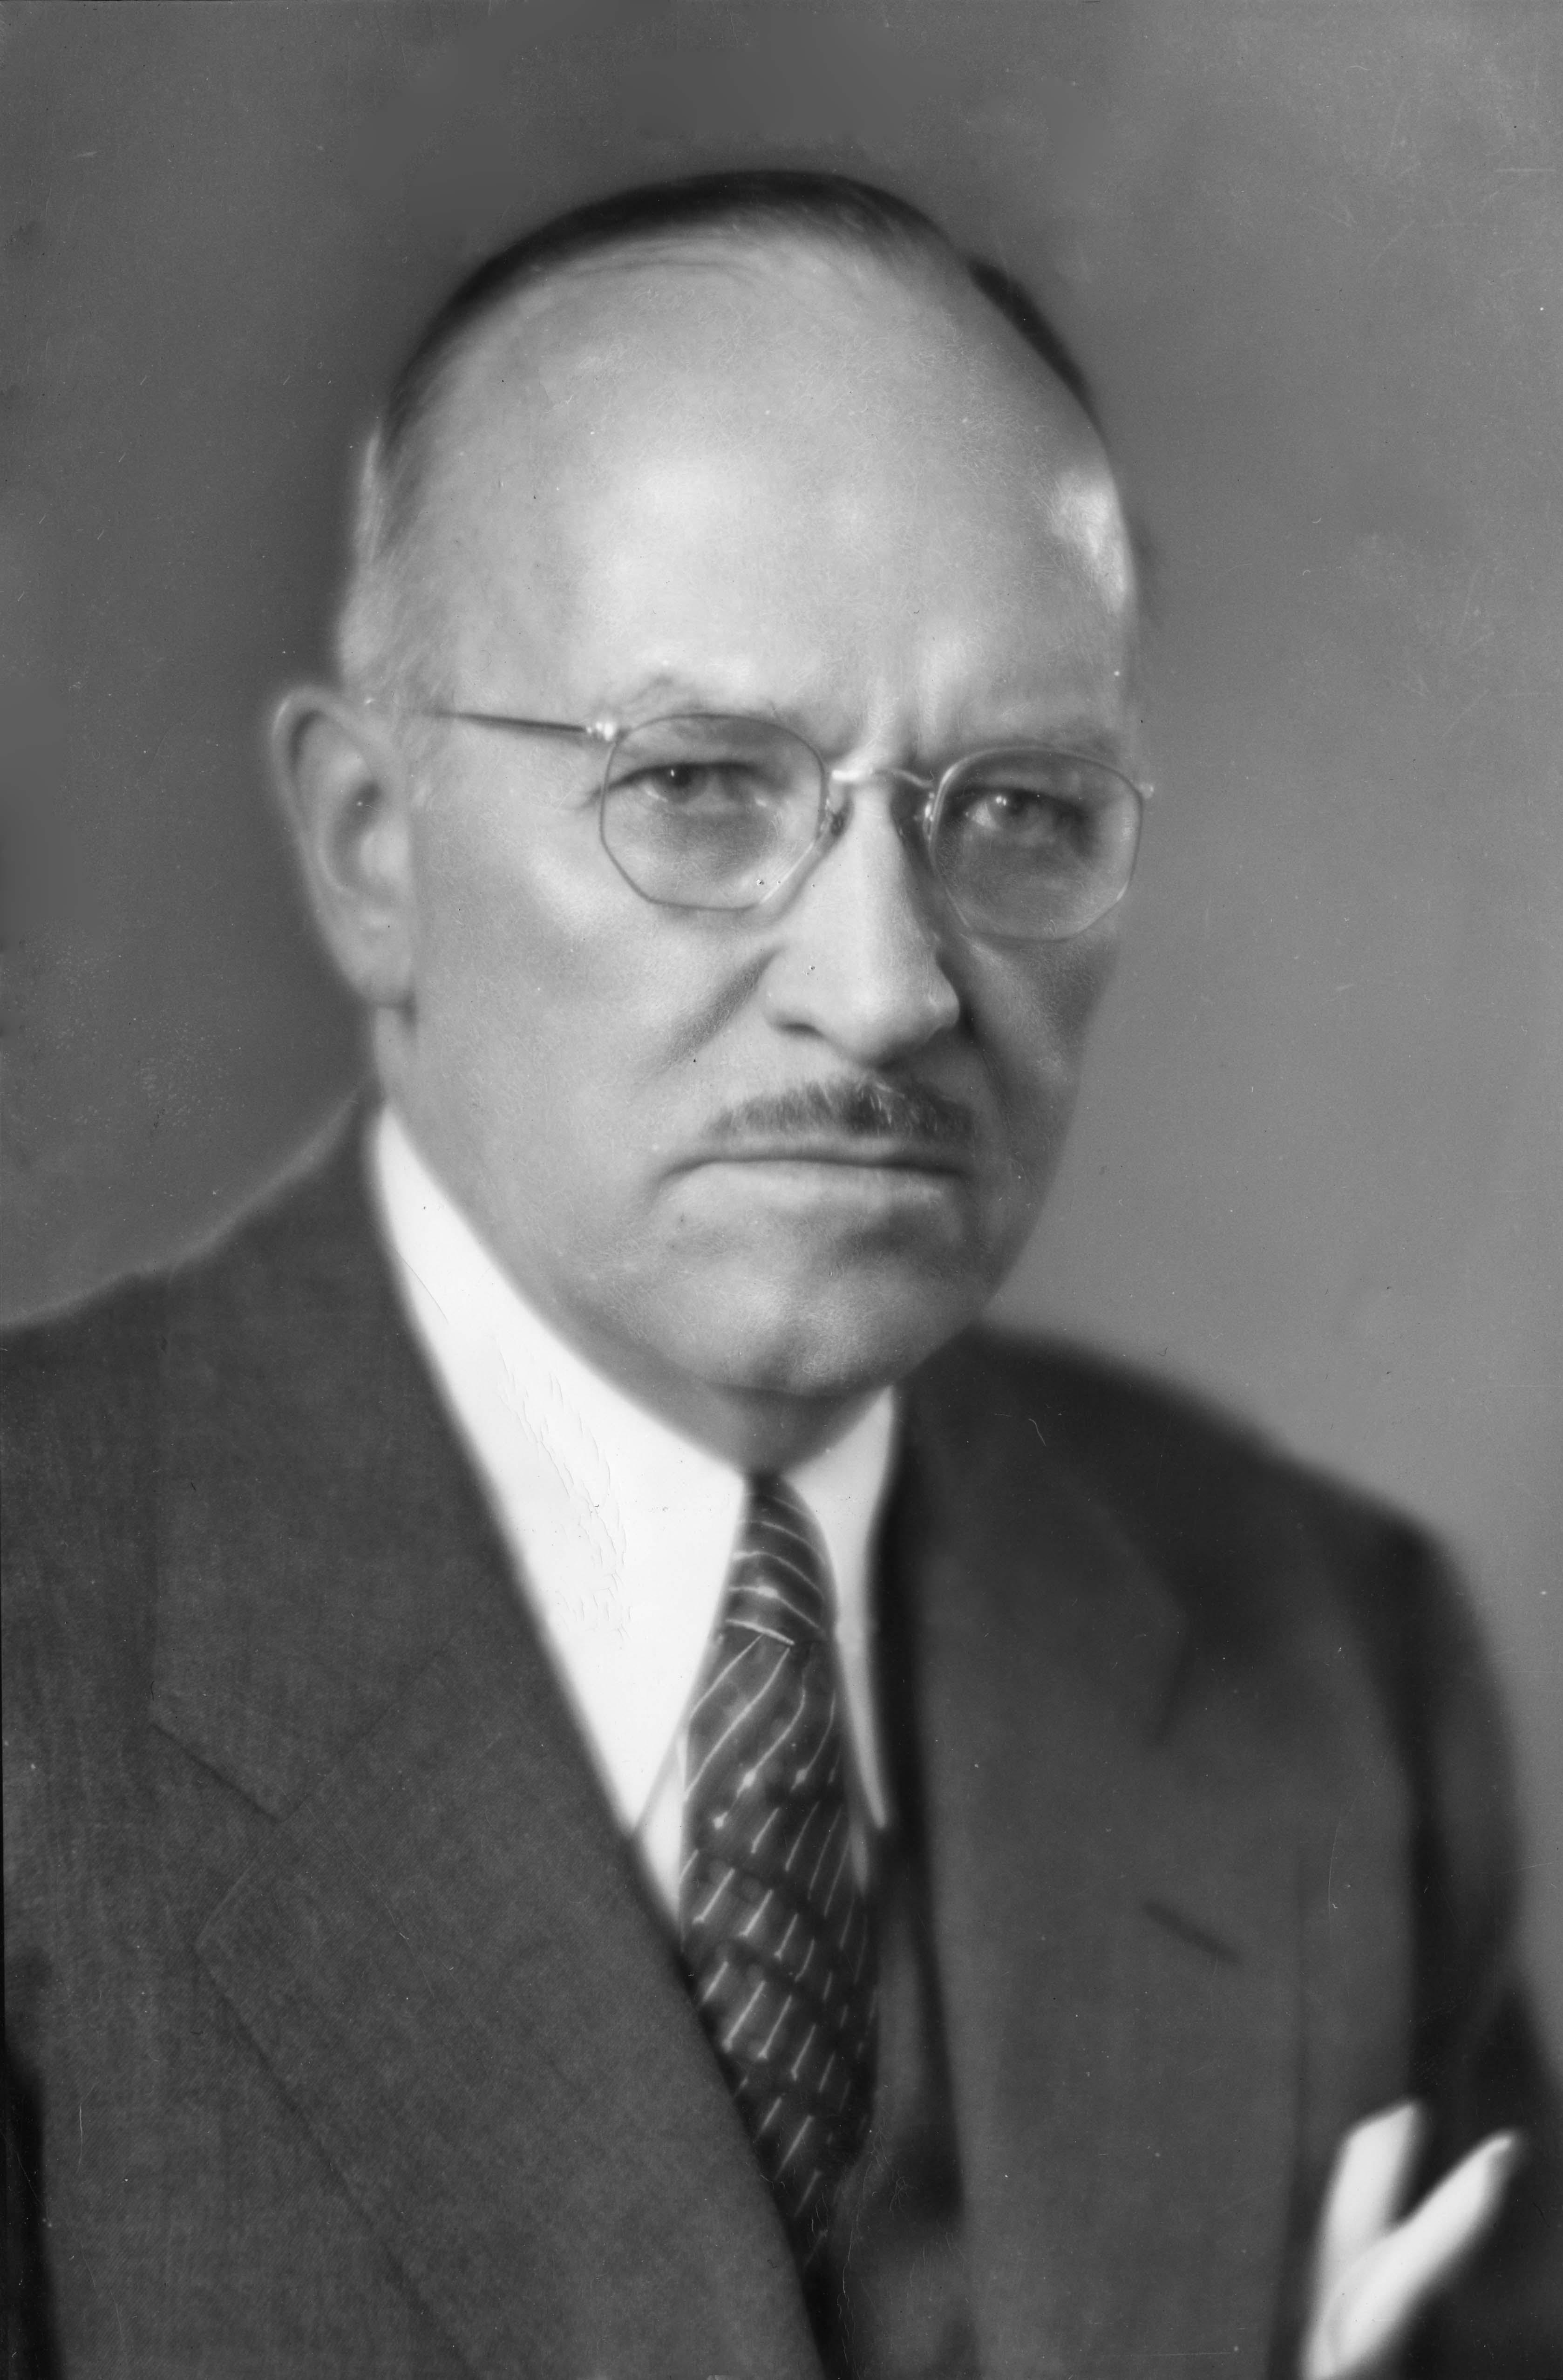 Warren Stewart, 1940s